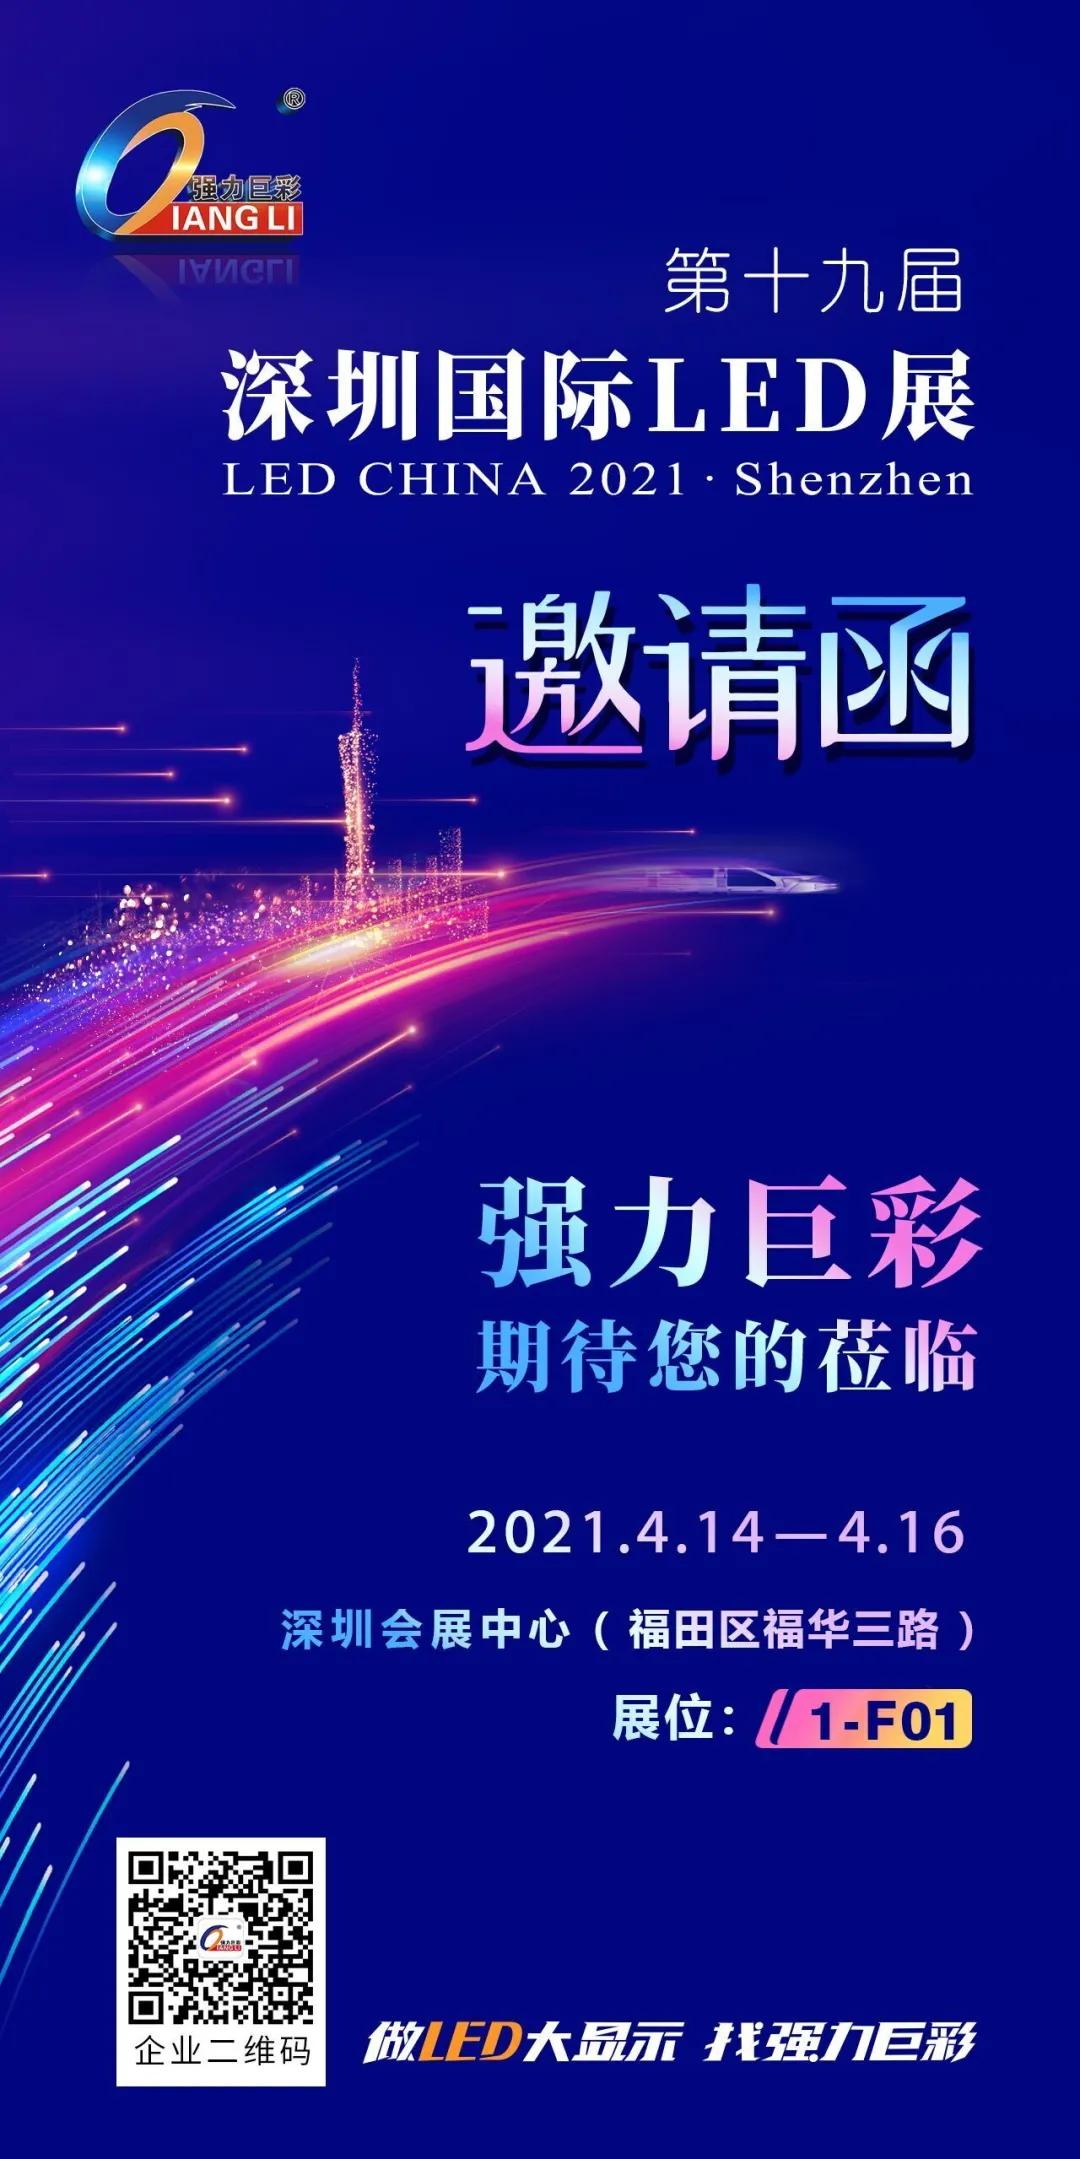 4.14-16深圳国际LED展 www.28111.com盛装待发,就等您来